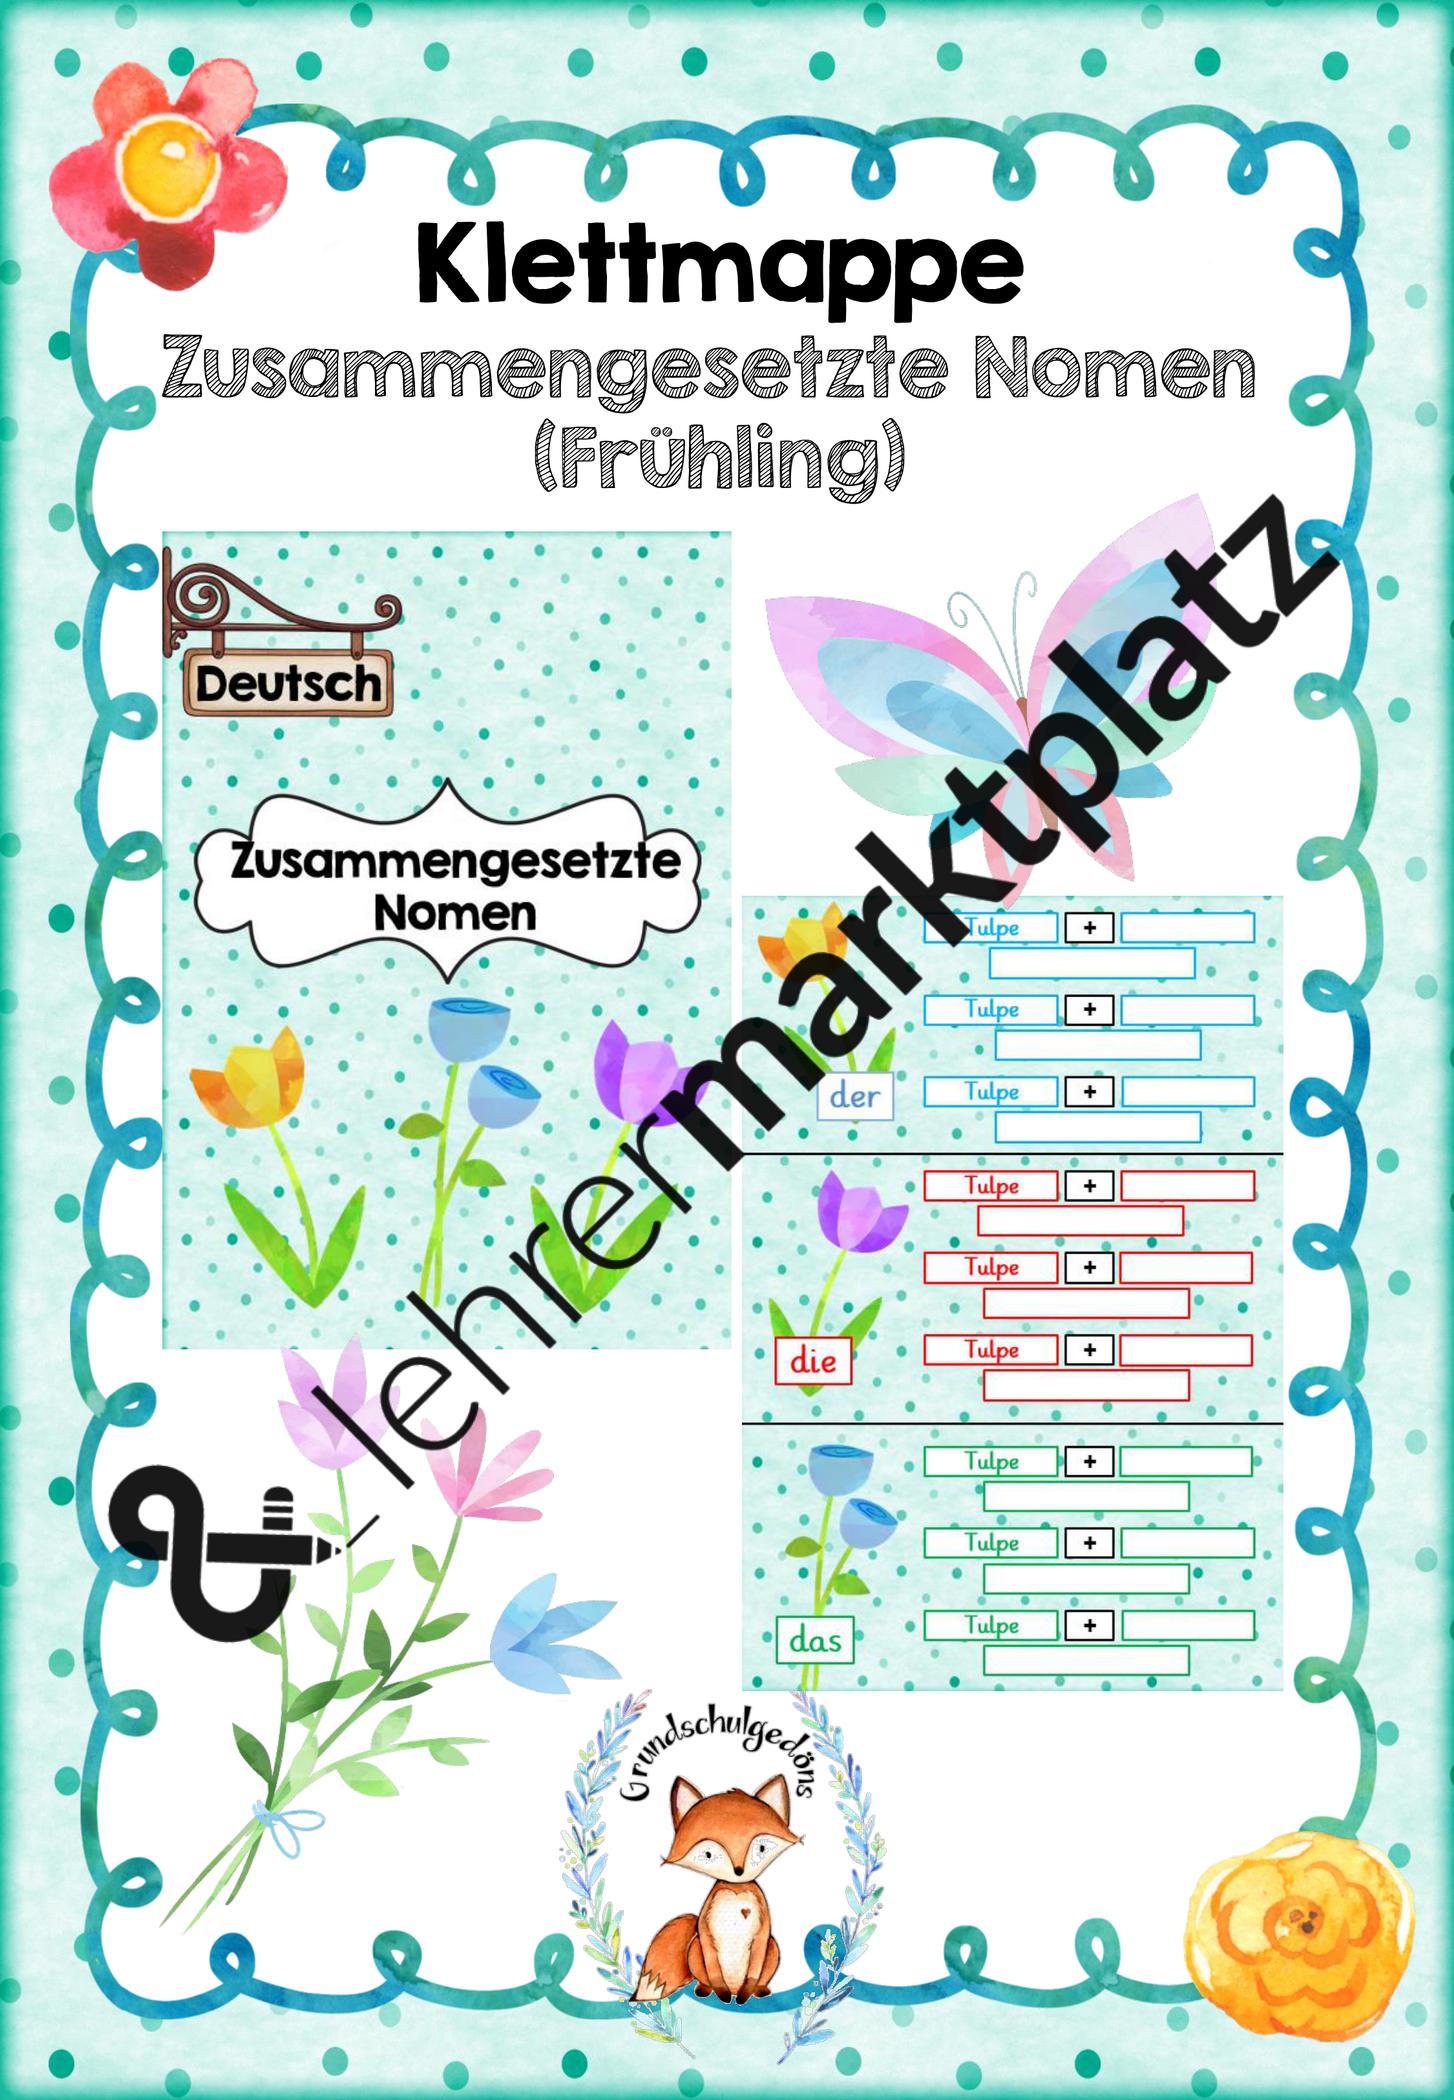 Klettmappe Zusammengesetzte Nomen Fruhling Unterrichtsmaterial In Den Fachern Daz Daf Deutsch Zusammengesetzte Nomen Nomen Daf